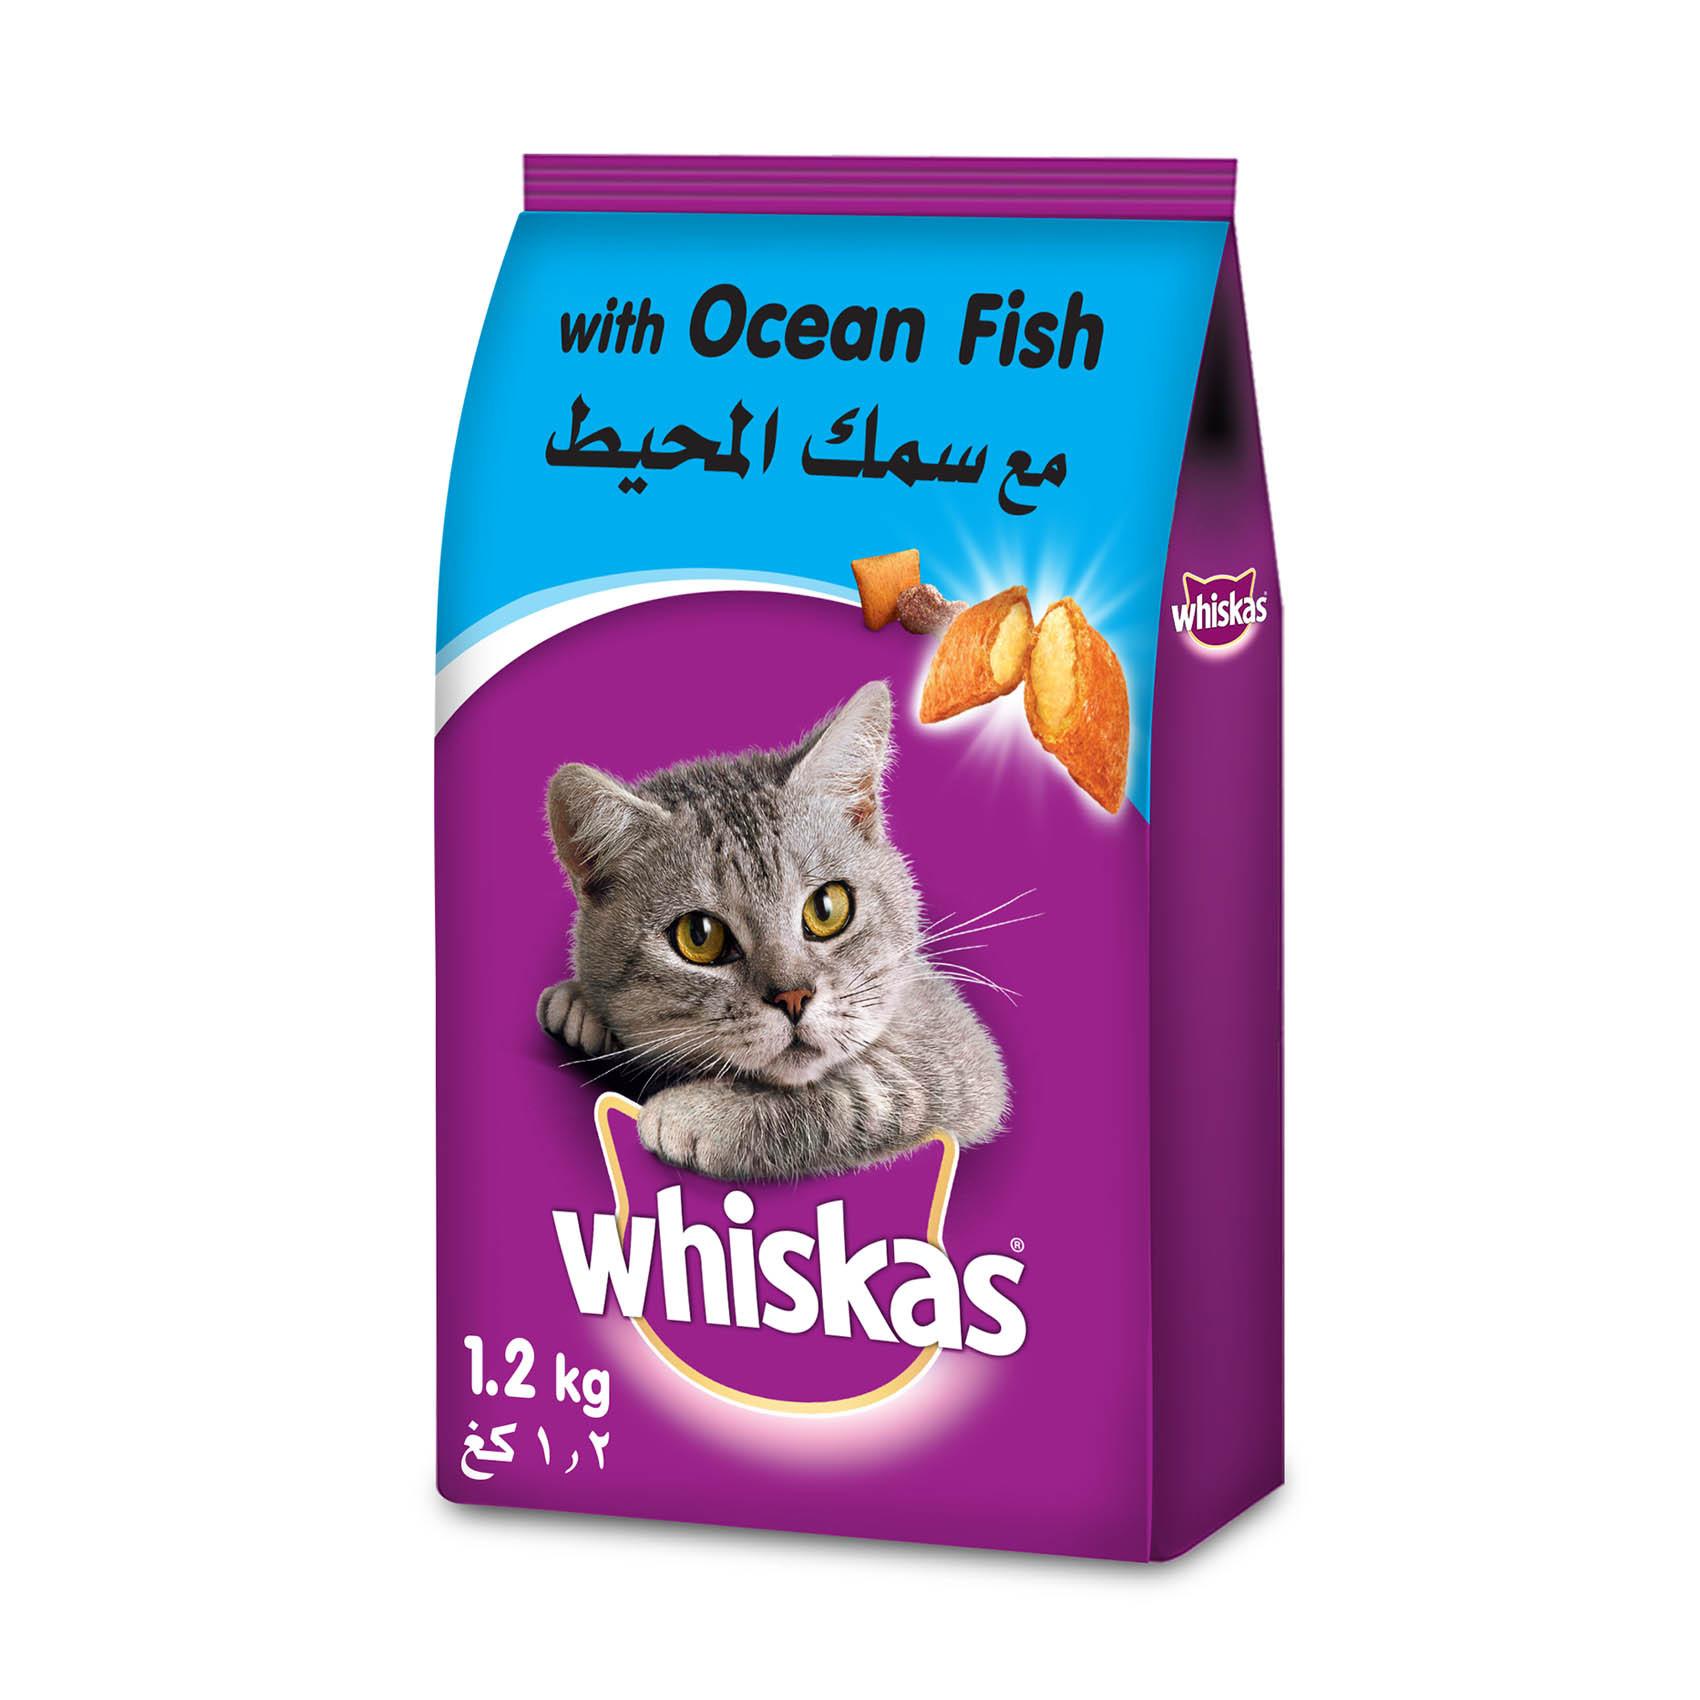 WHISKAS OCEAN FISH 1.1KG